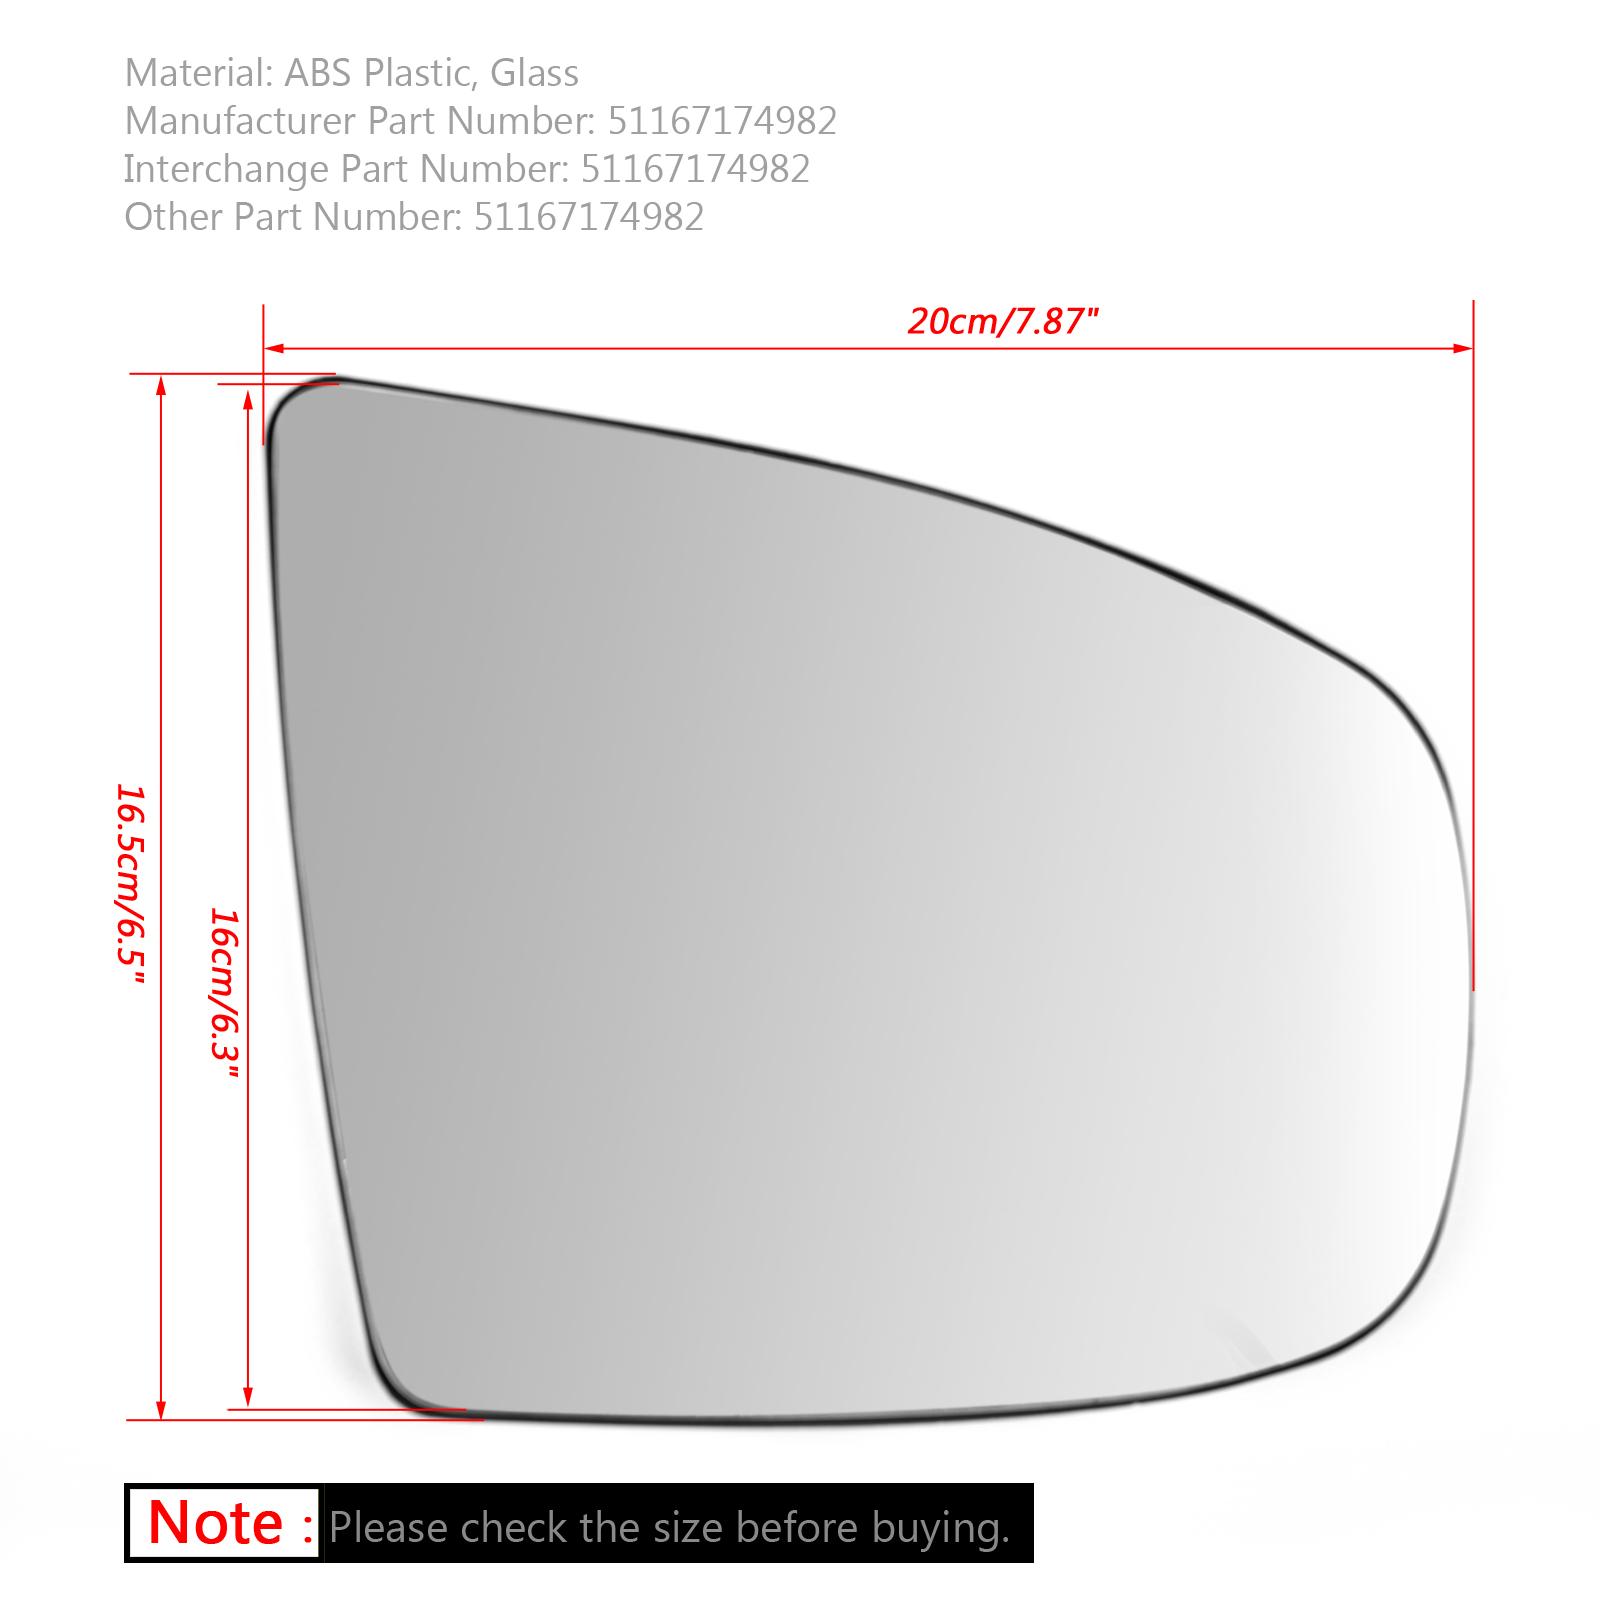 BMW X5 X6 E70 E71 E72 2008-2014專用照後鏡鏡片有加熱功能右側-極限超快感